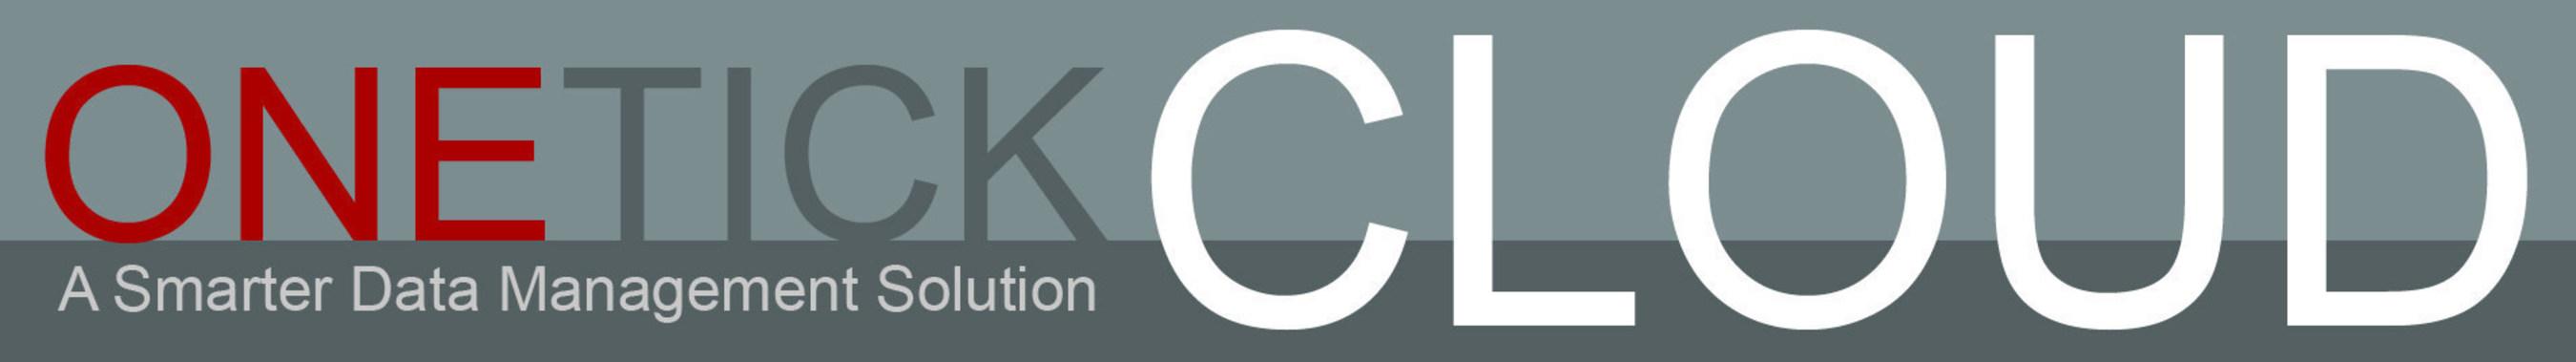 OneTickCLOUD logo